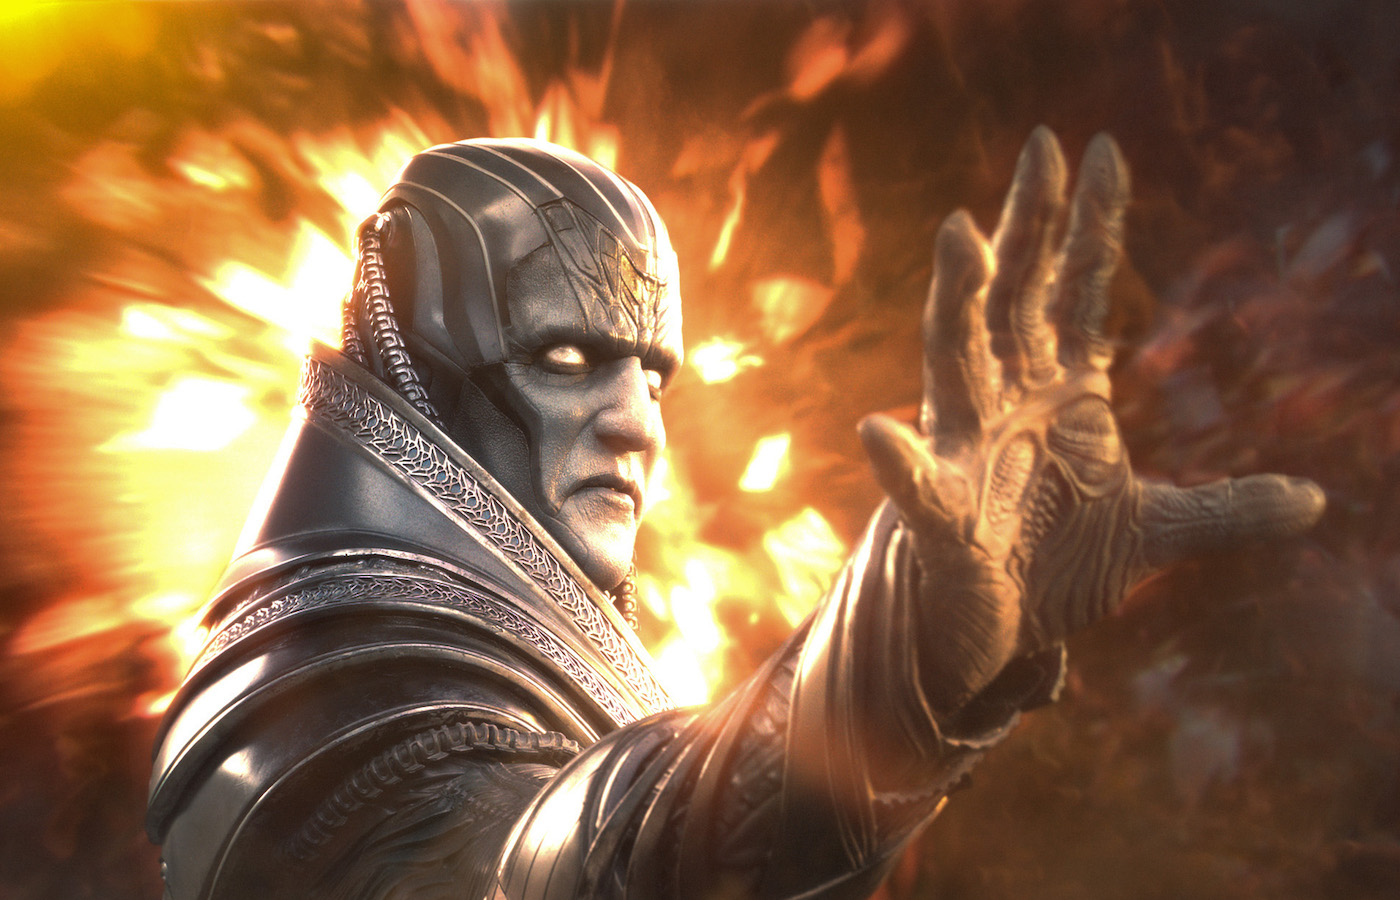 全米Box Office:『X-MEN:アポカリプス』が『アリス・イン・ワンダーランド』続編を抑えて首位獲得